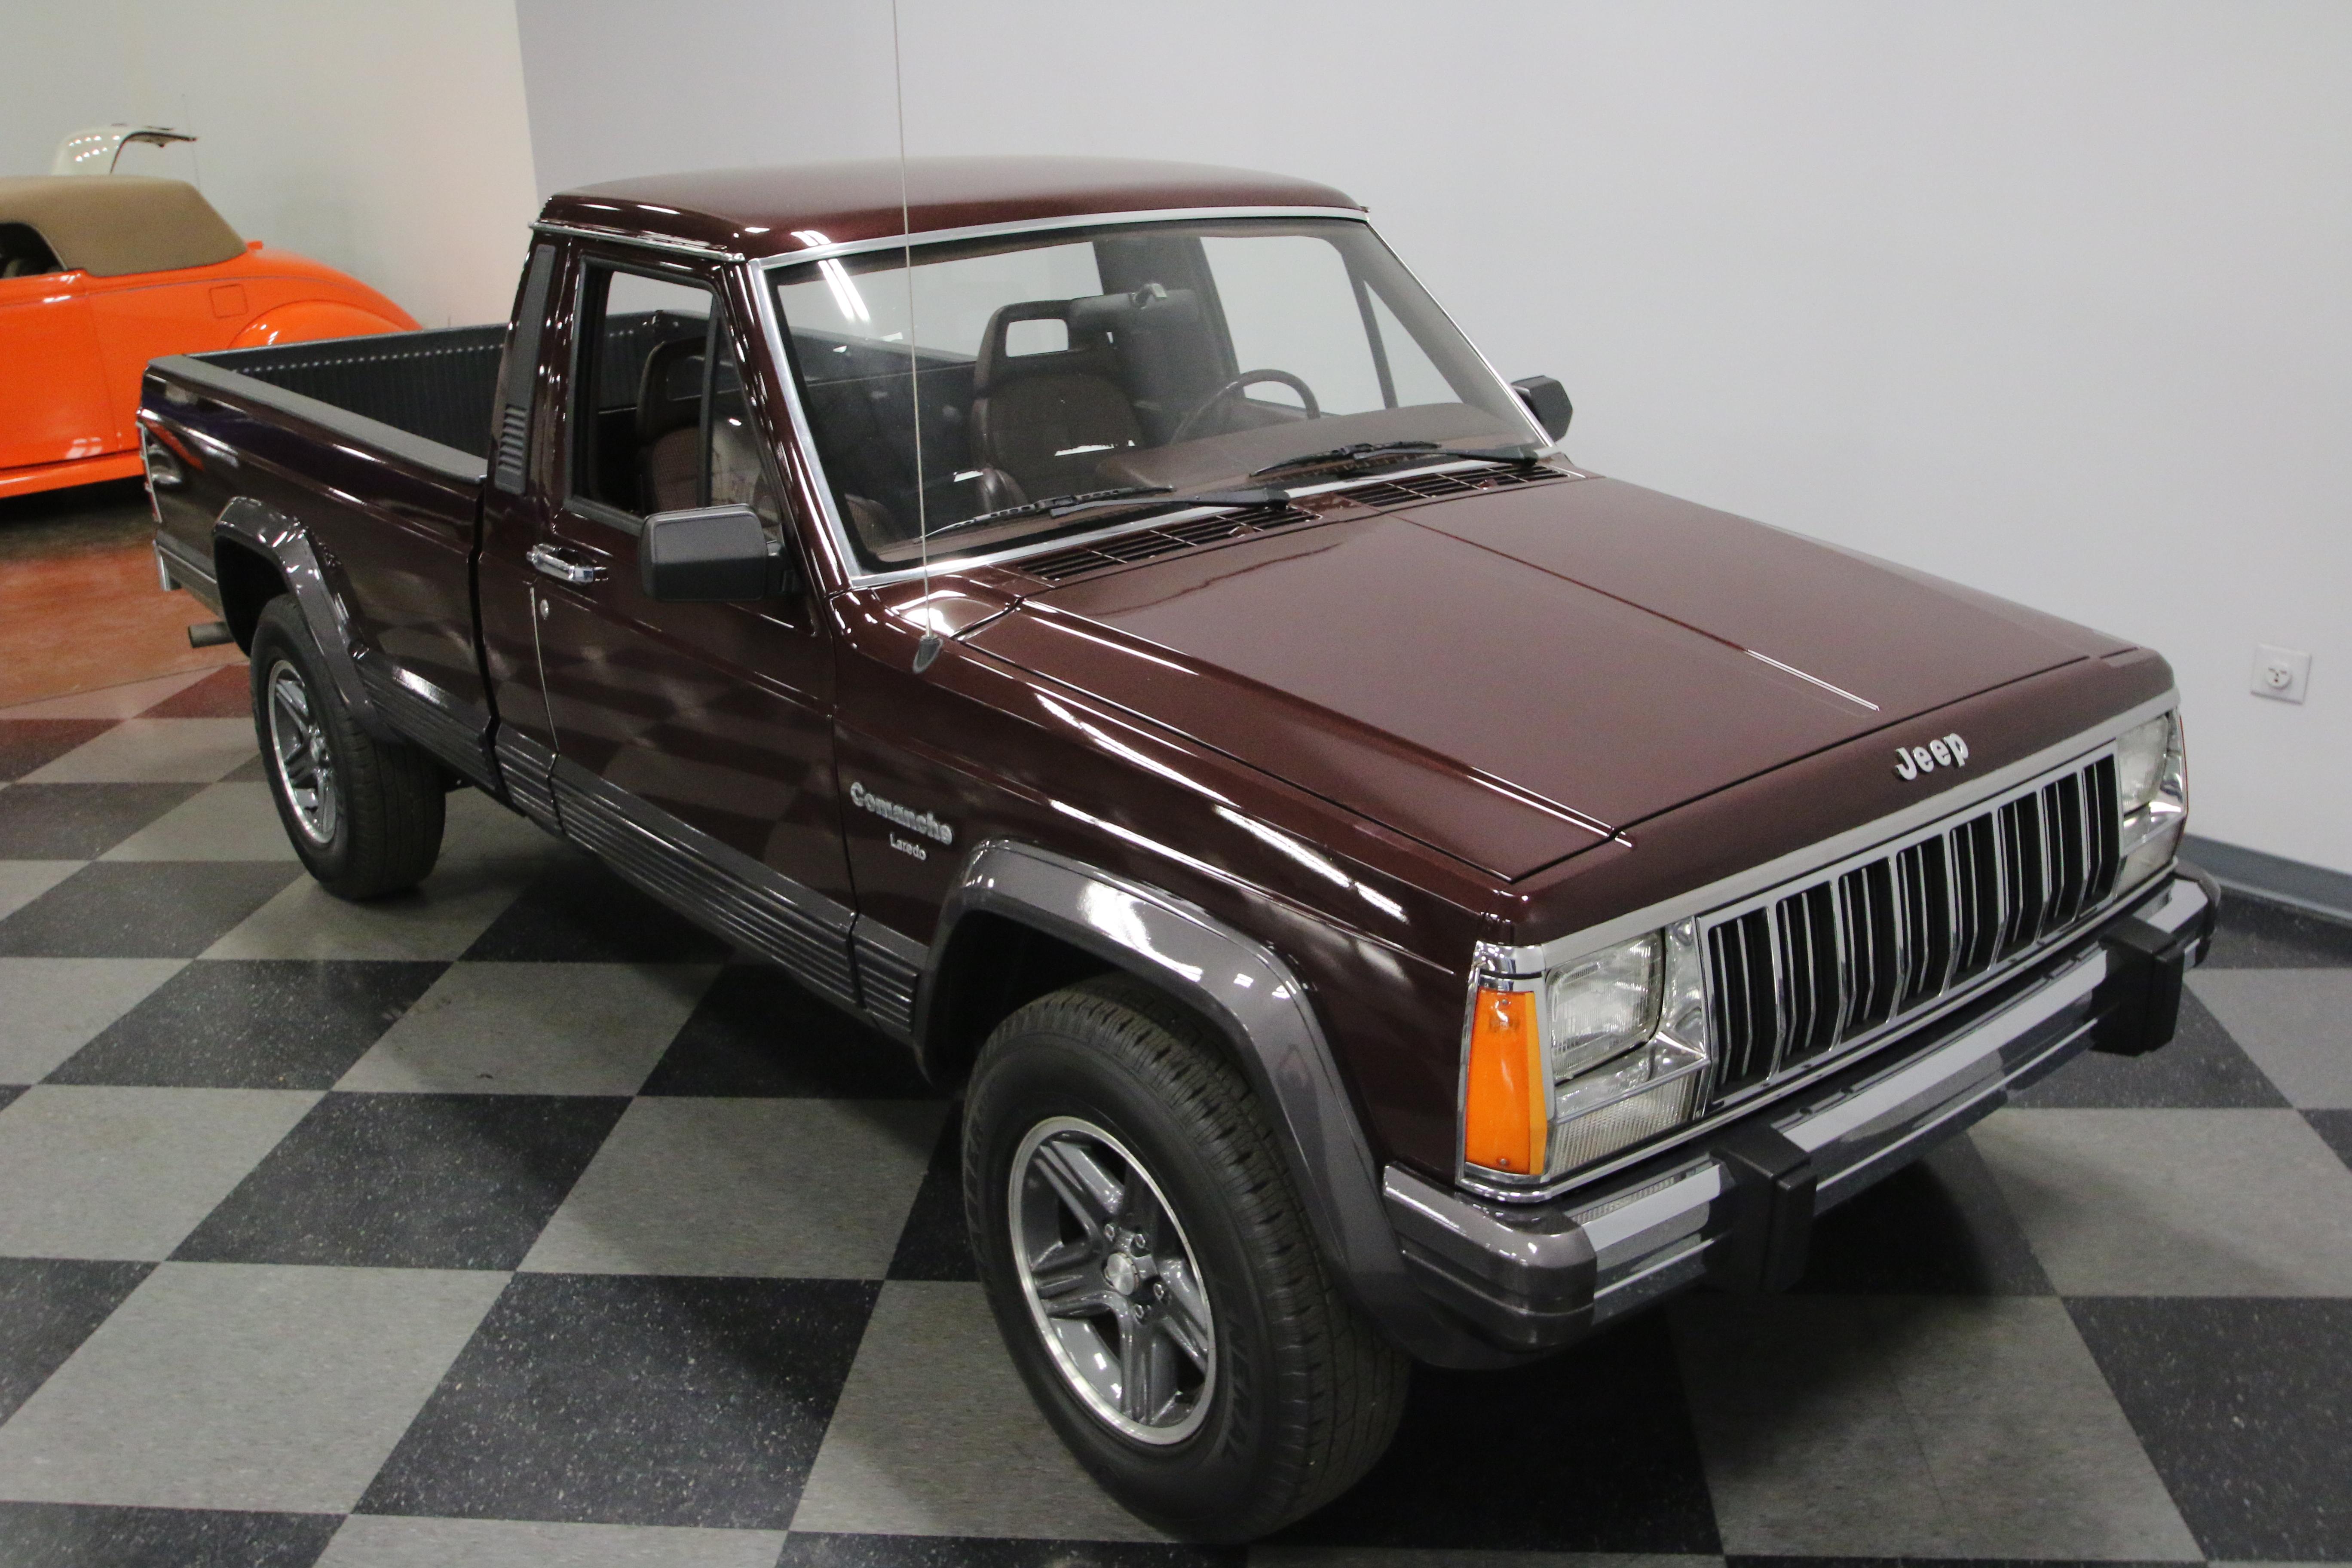 effinhilmer for comanche original specs jeep regular to tricks hidden nods cab full sale of photos custom